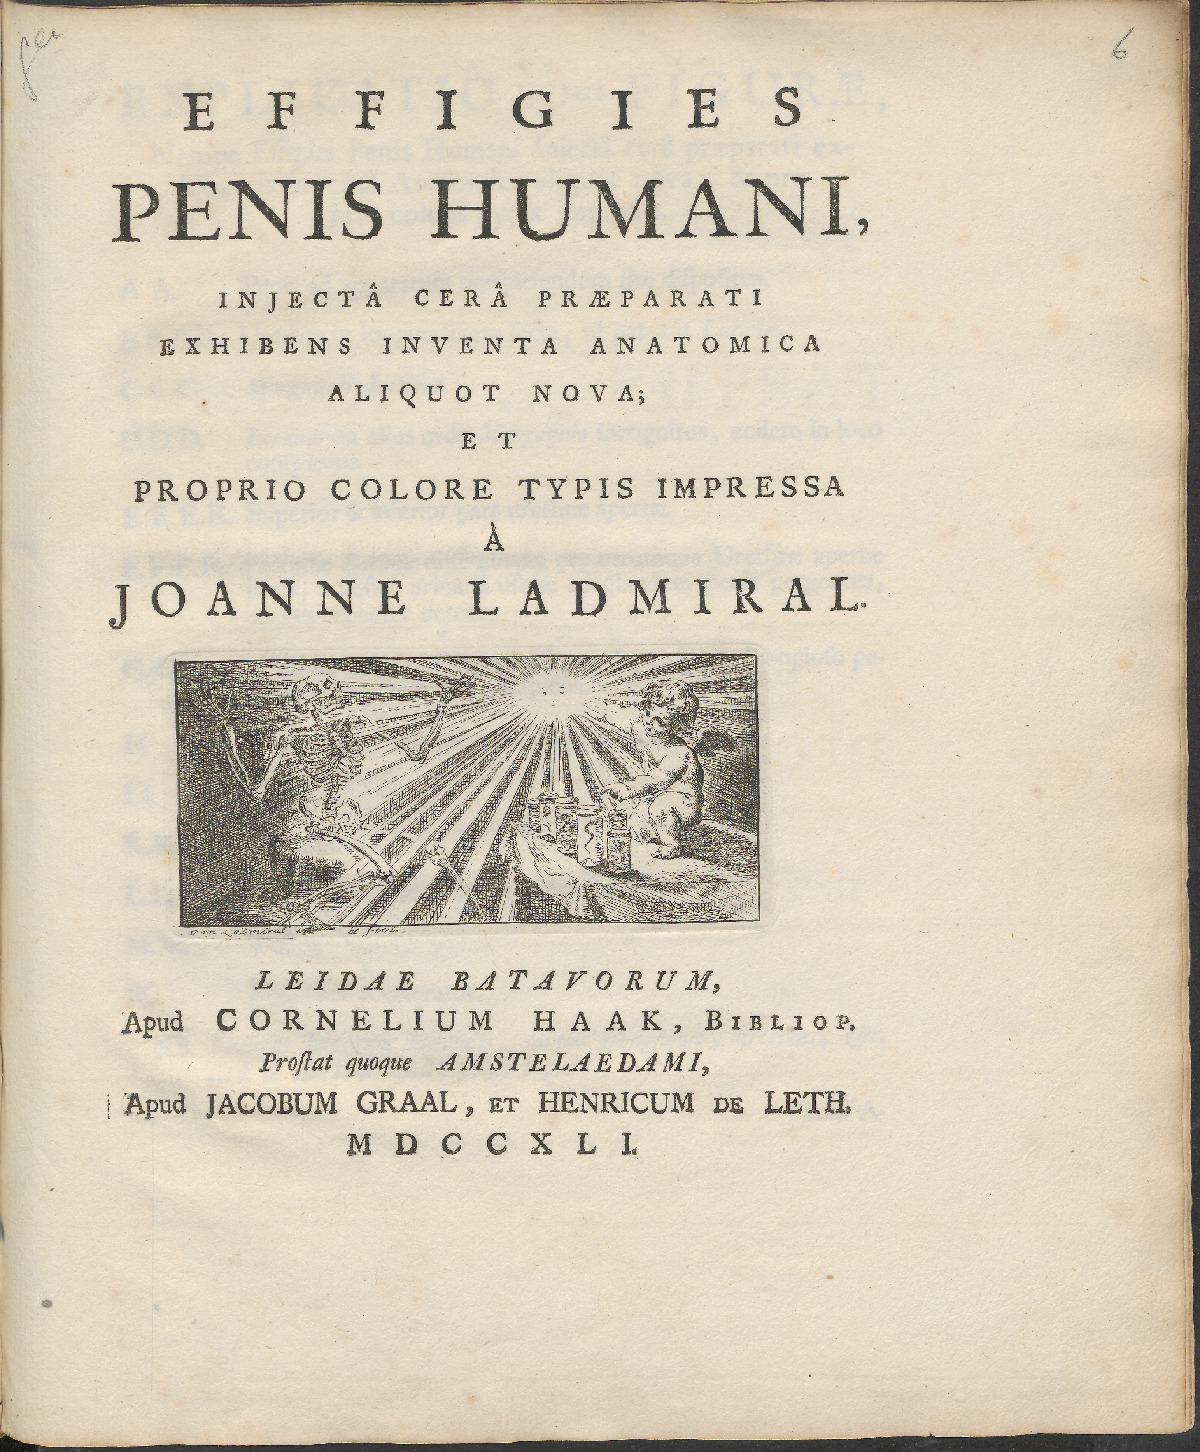 Effigies penis humani, injecta cera praeparati exhibens inventa ...